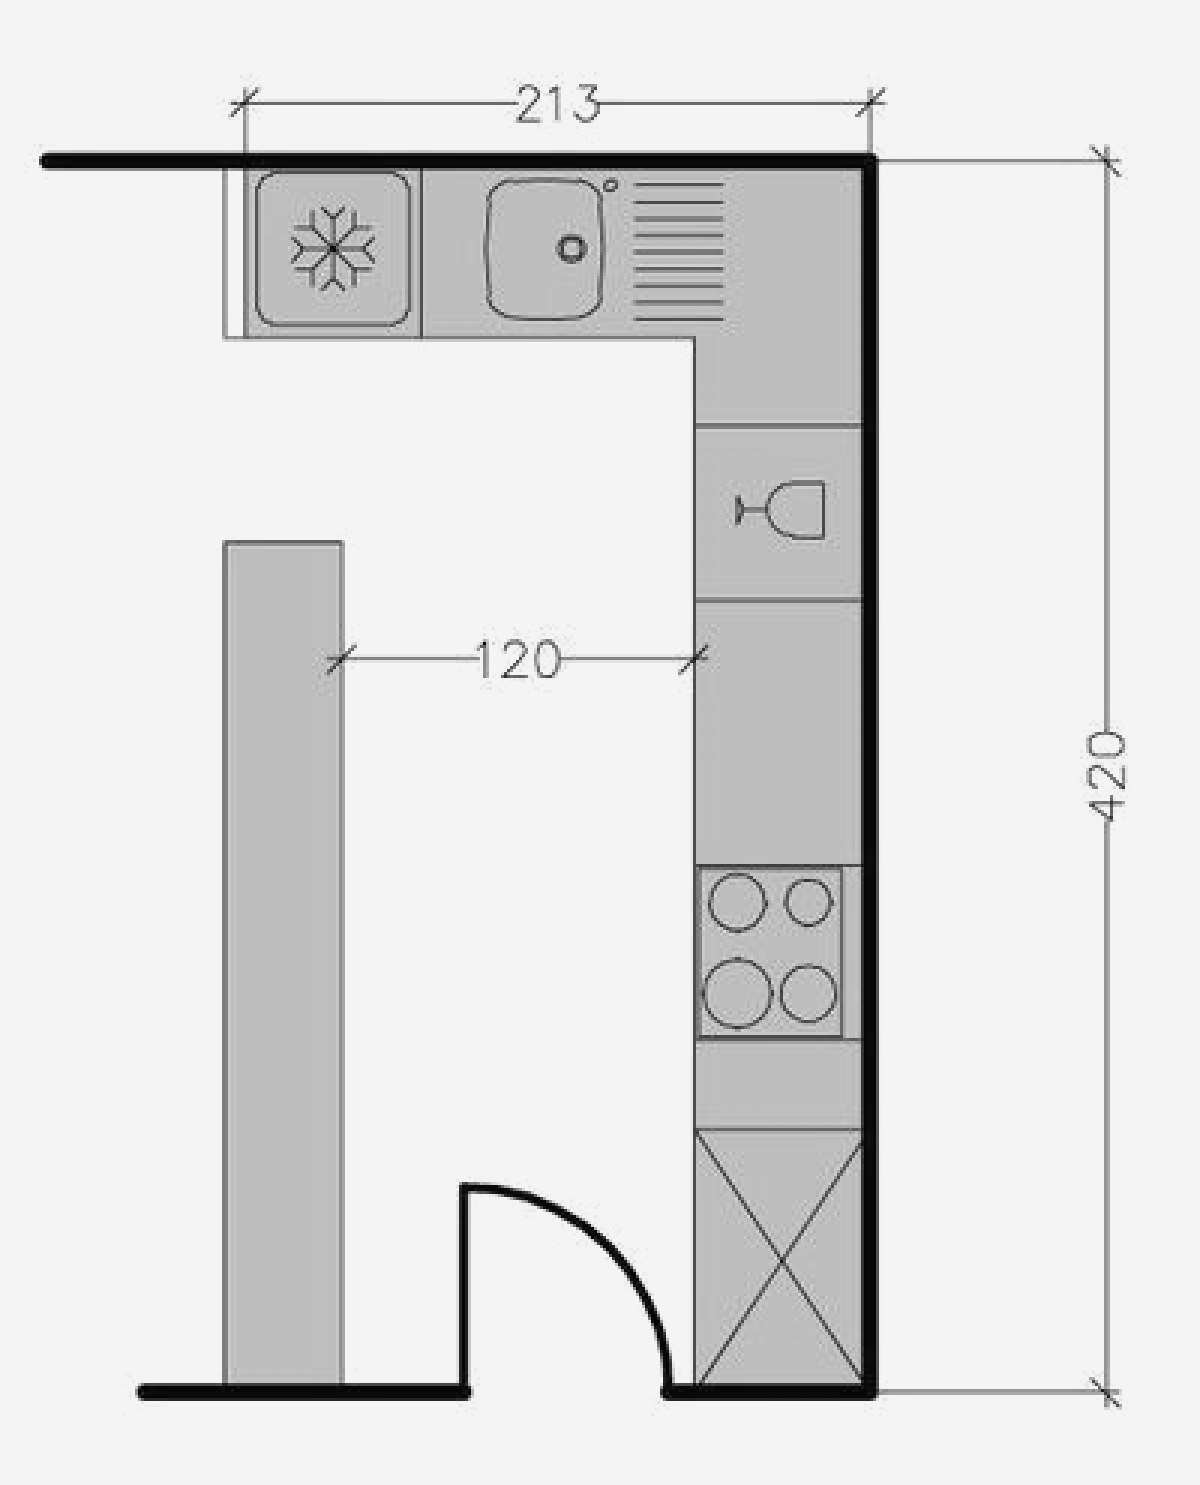 Plan de cuisine ouverte avec bar maison - Plan de maison avec cuisine ouverte ...